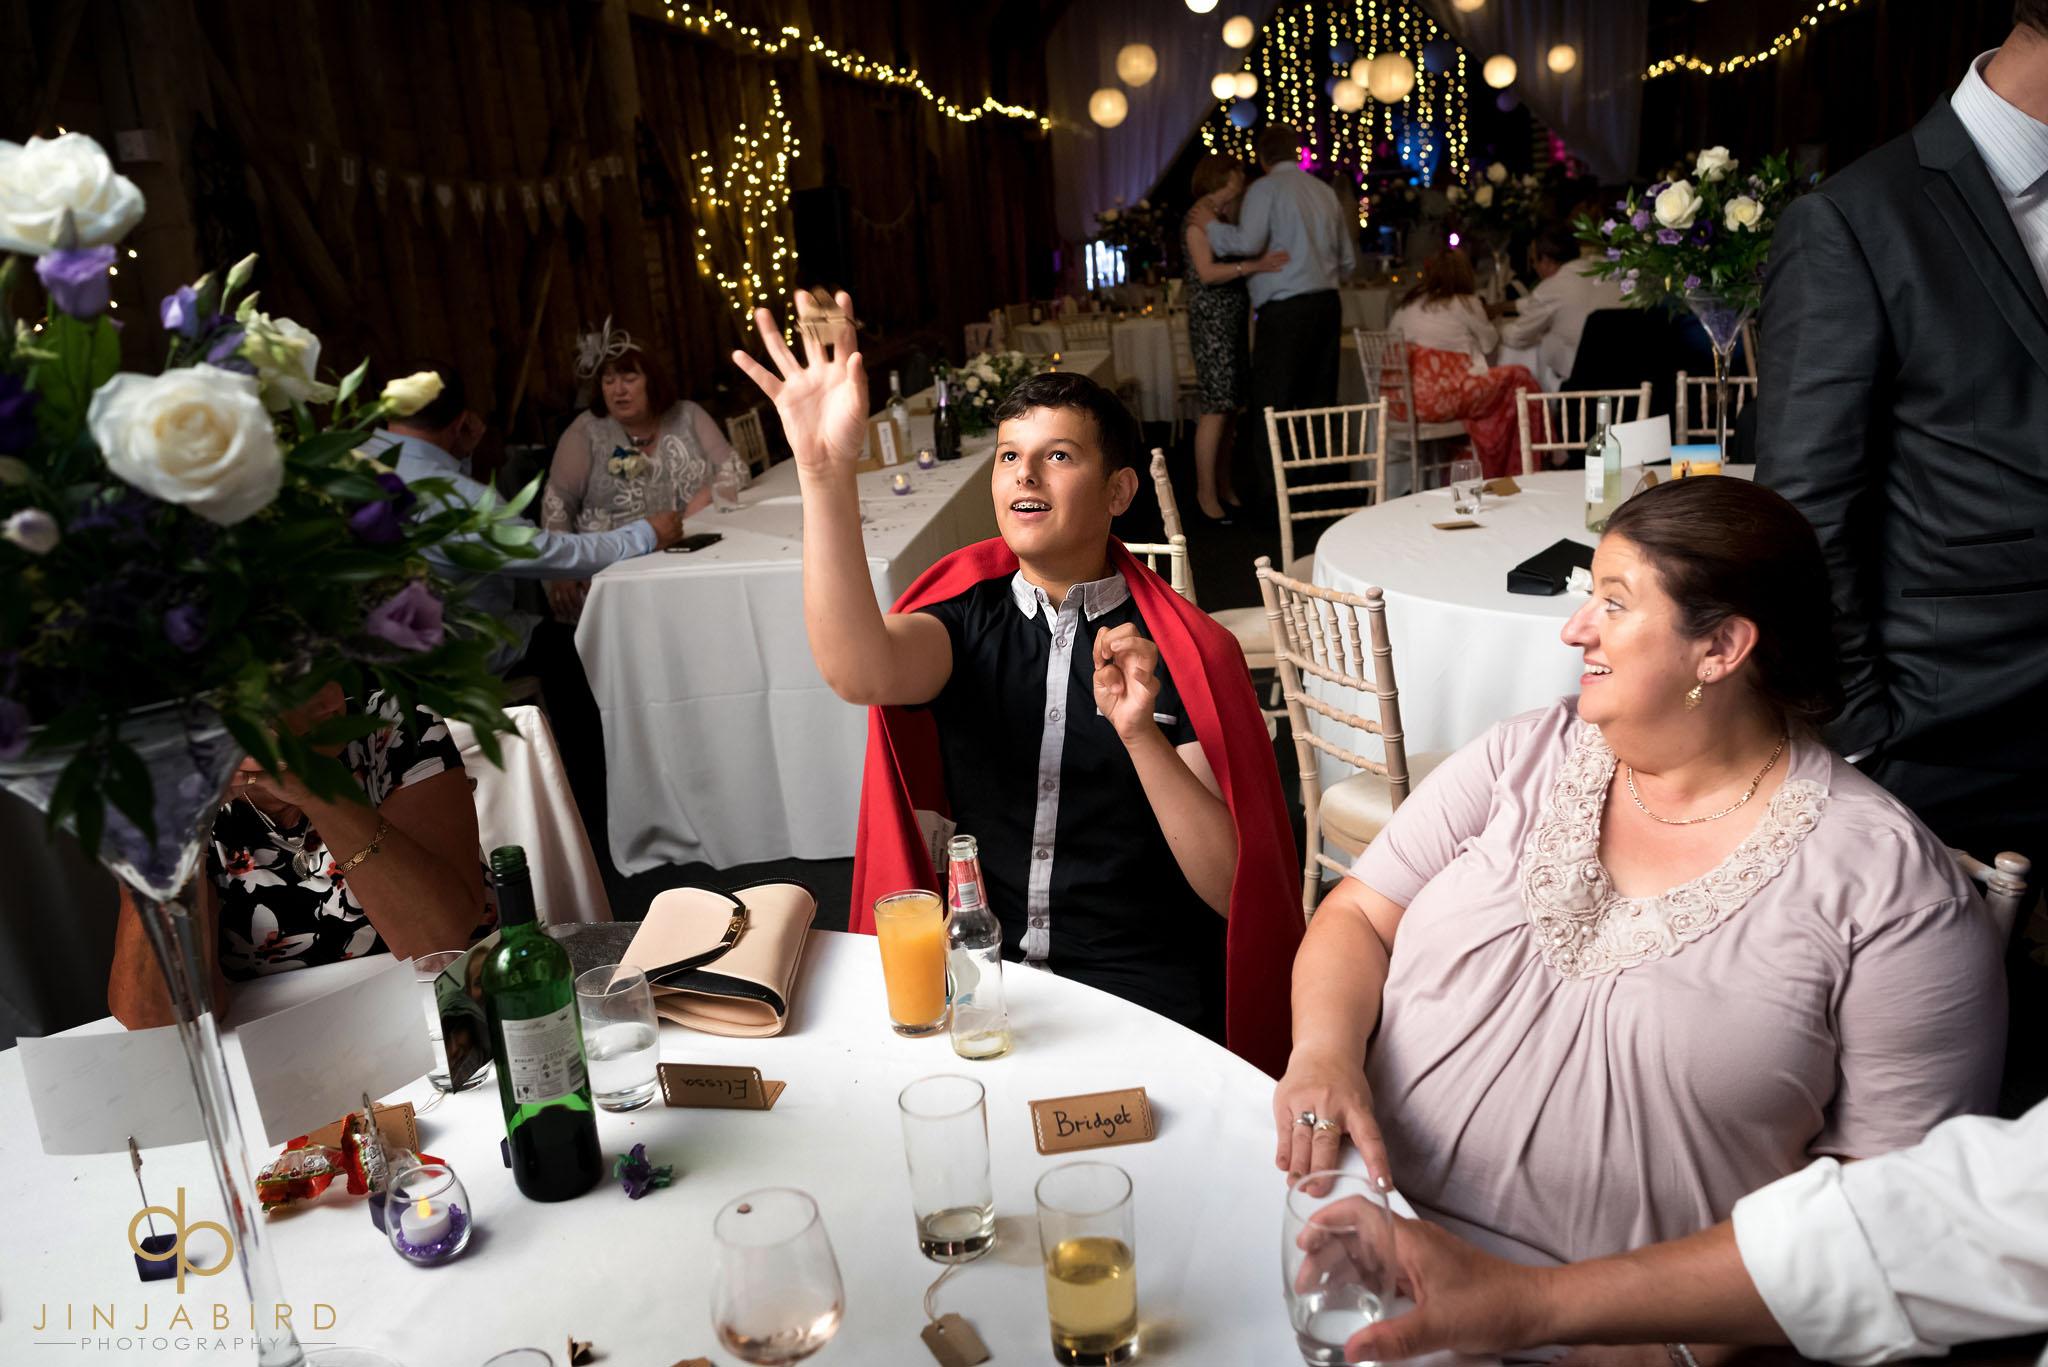 childerley hall weddings cambridge